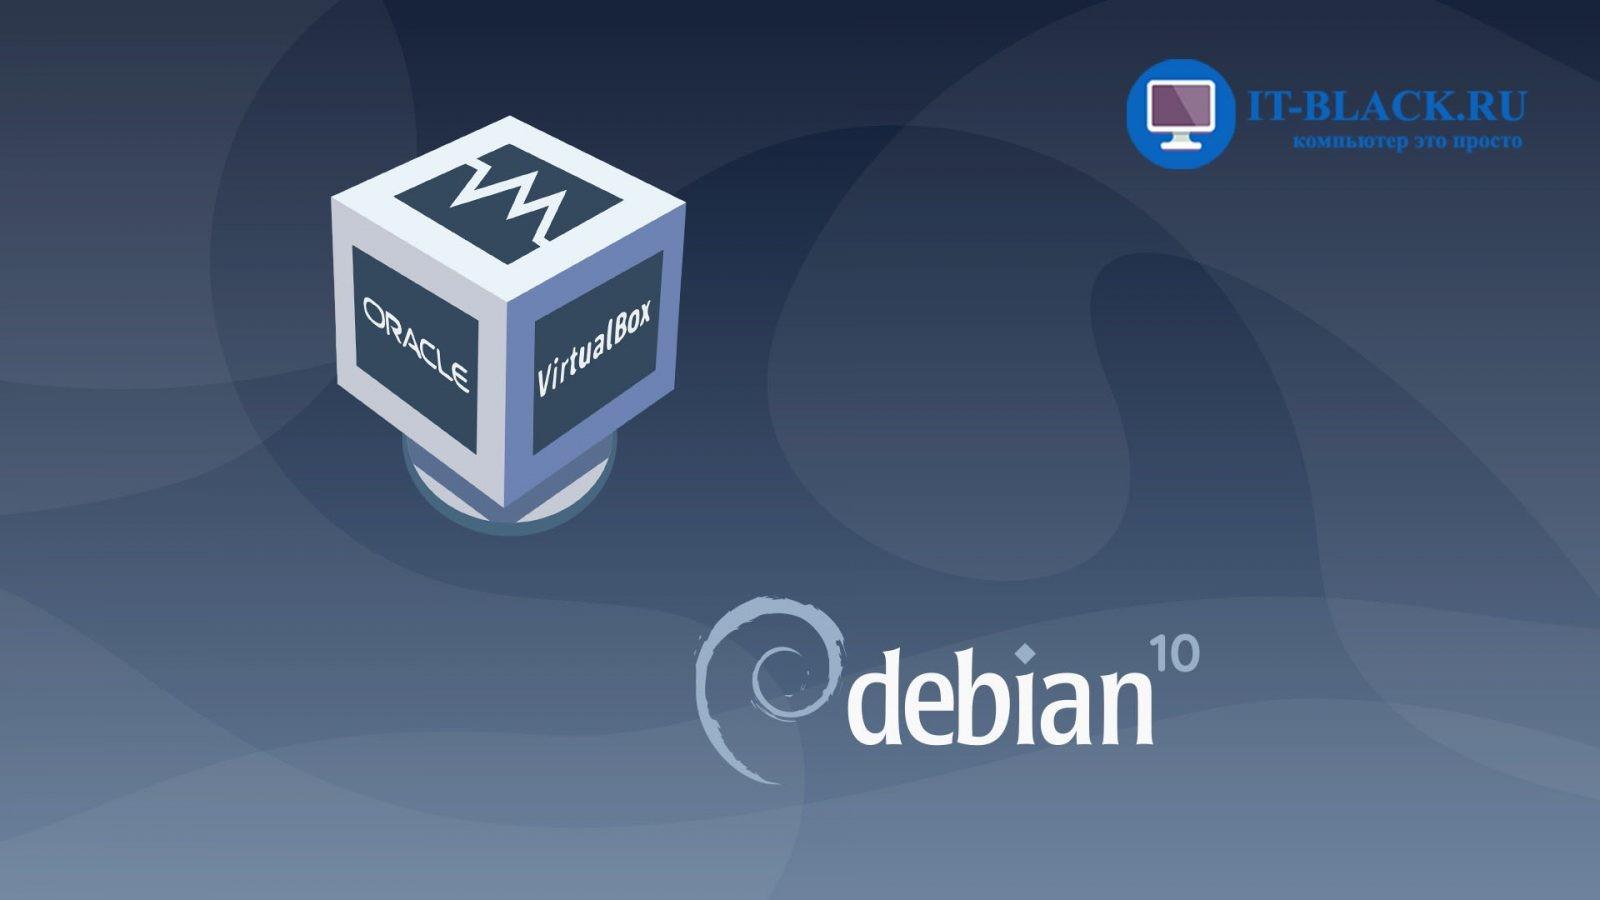 Установка Debian 10 на виртуальную машину (VirtualBox)